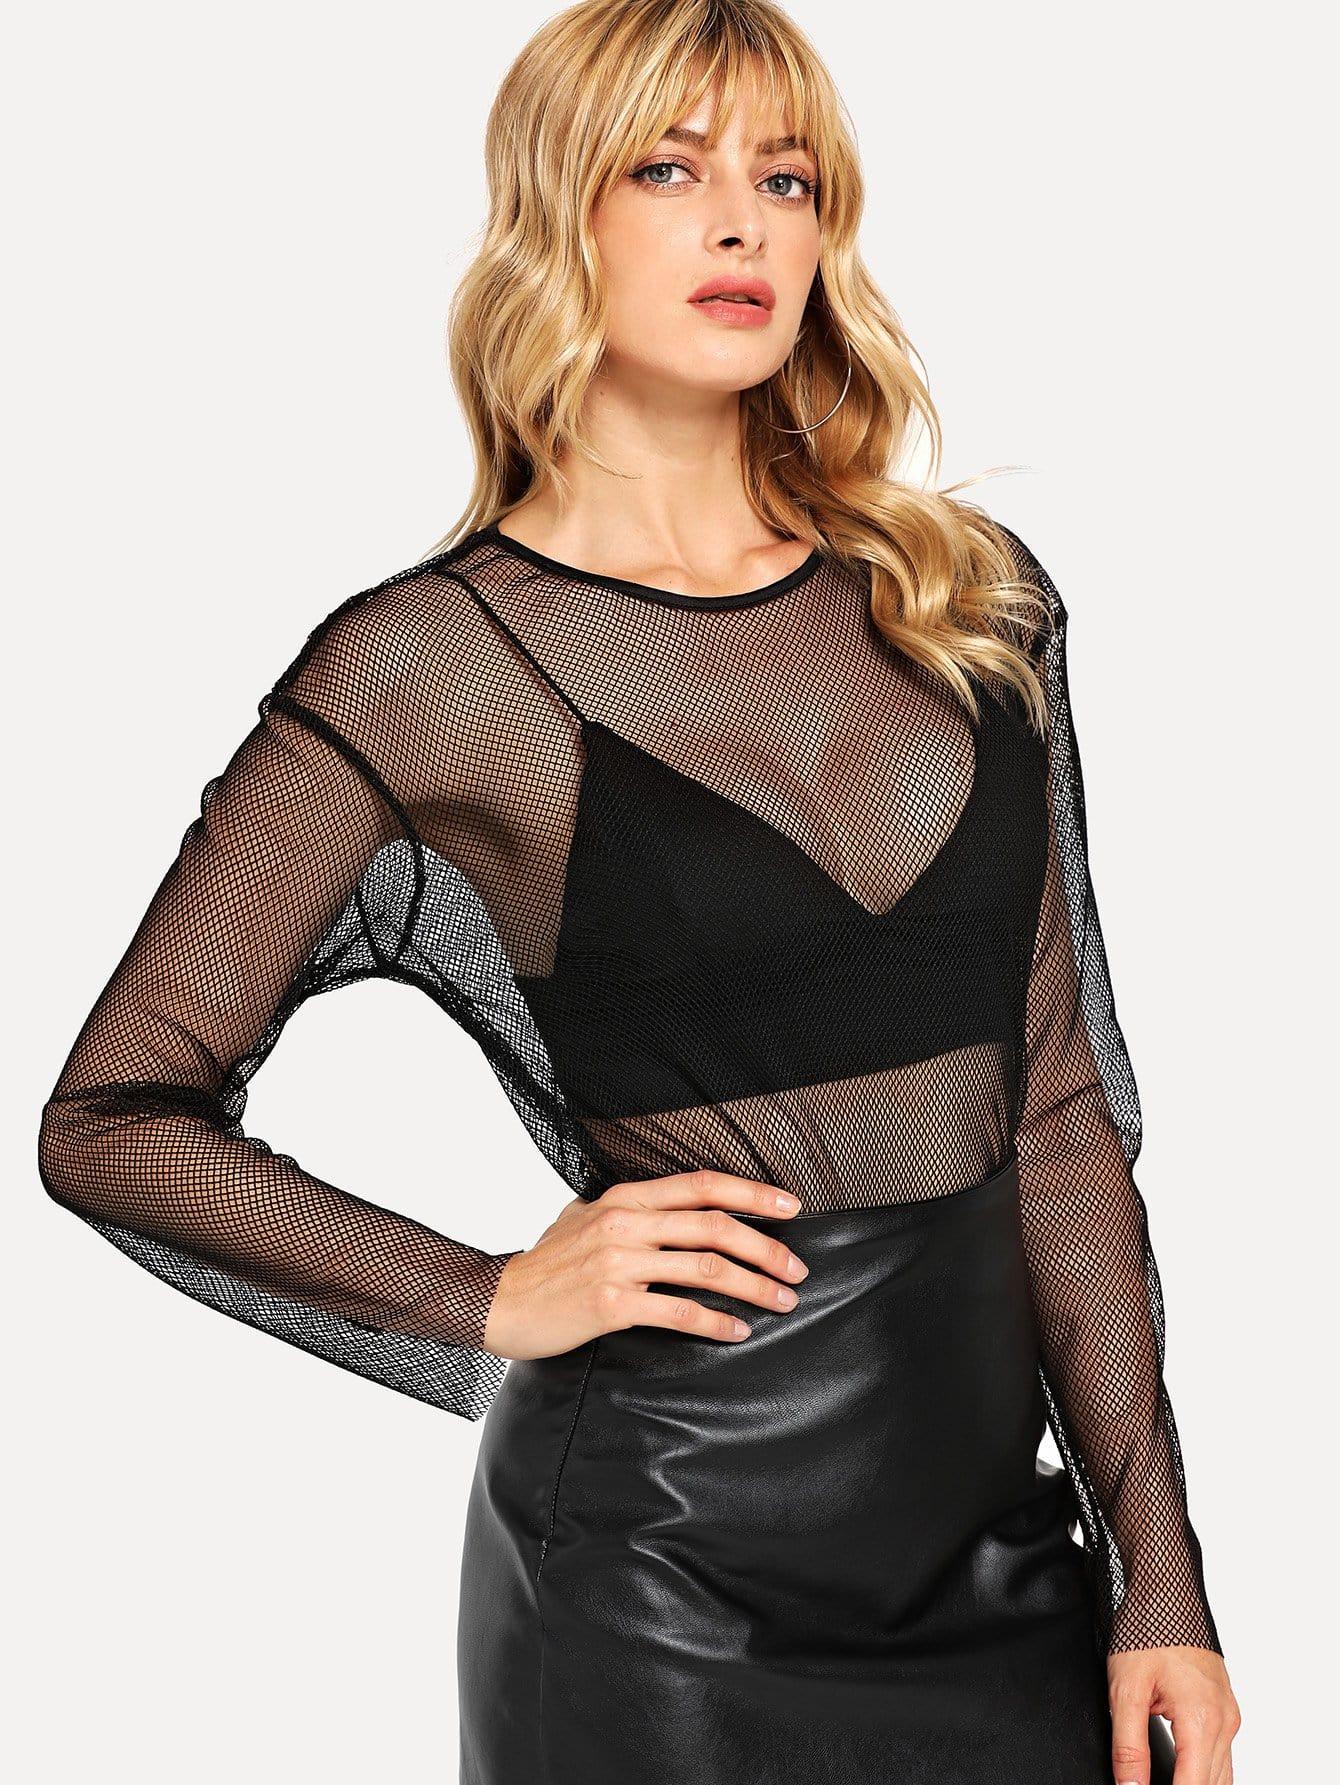 Купить Прозрачная кроп-блузка, Masha, SheIn